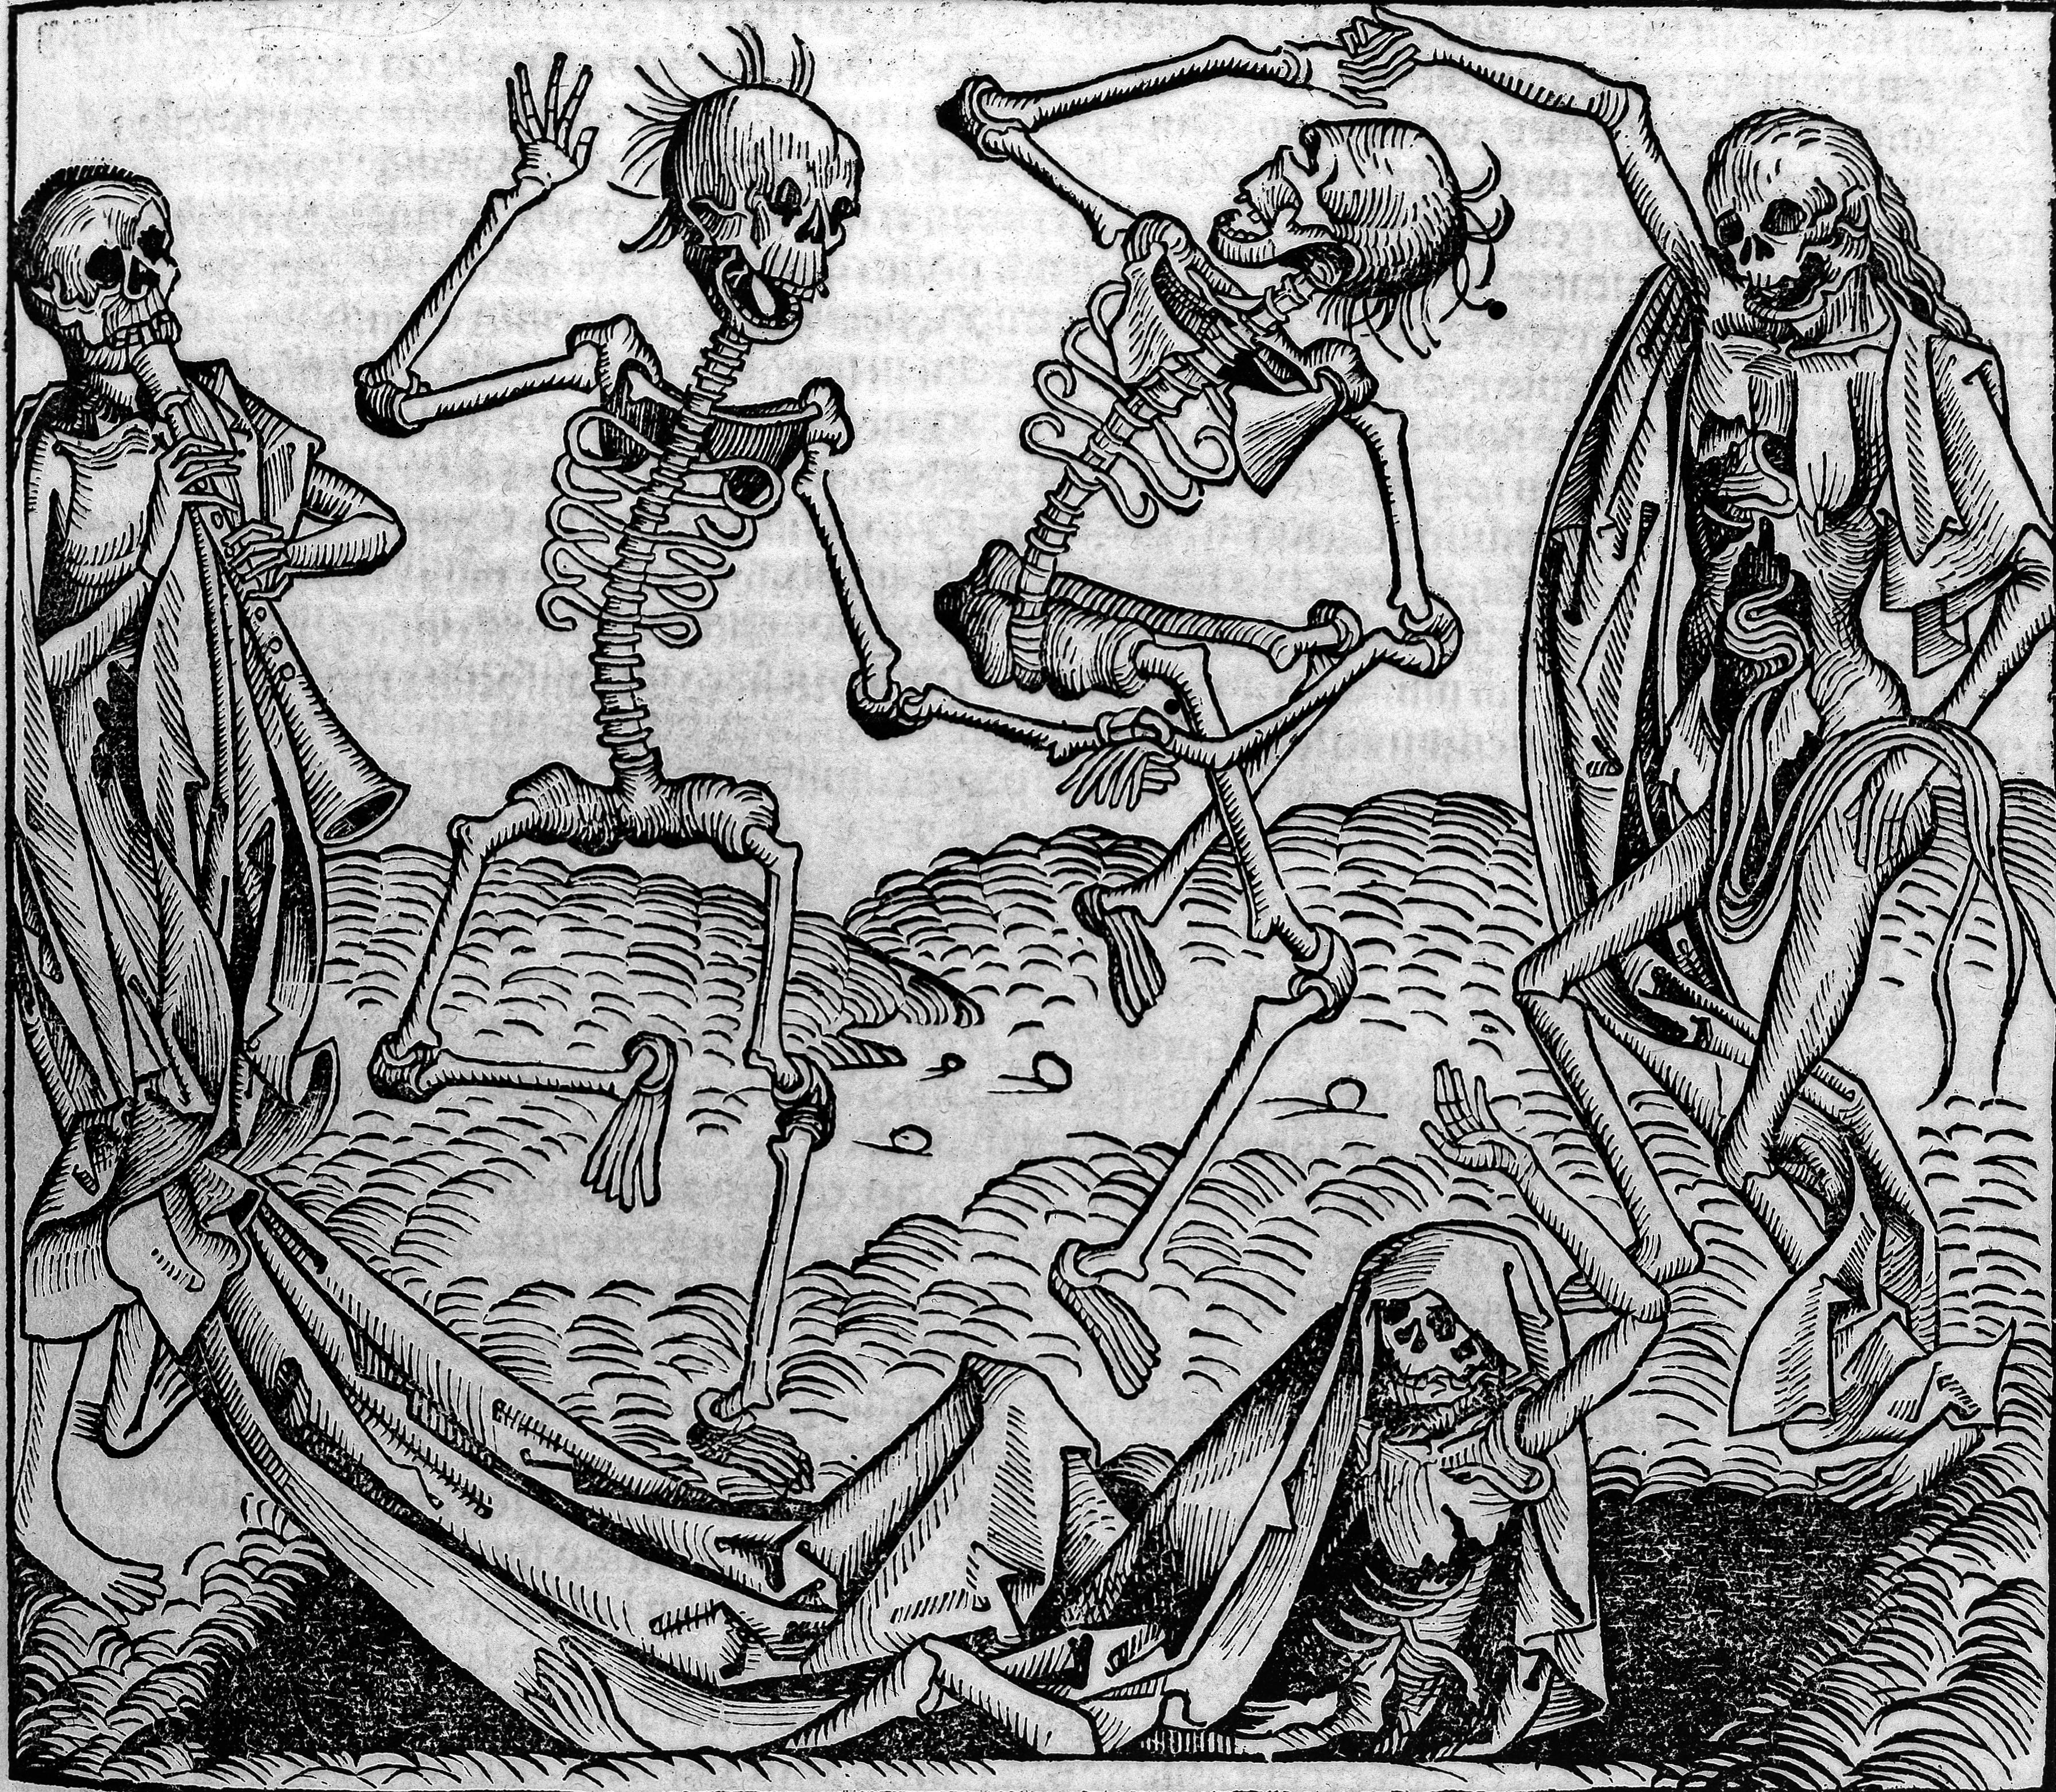 Engraving of dancing skeletons